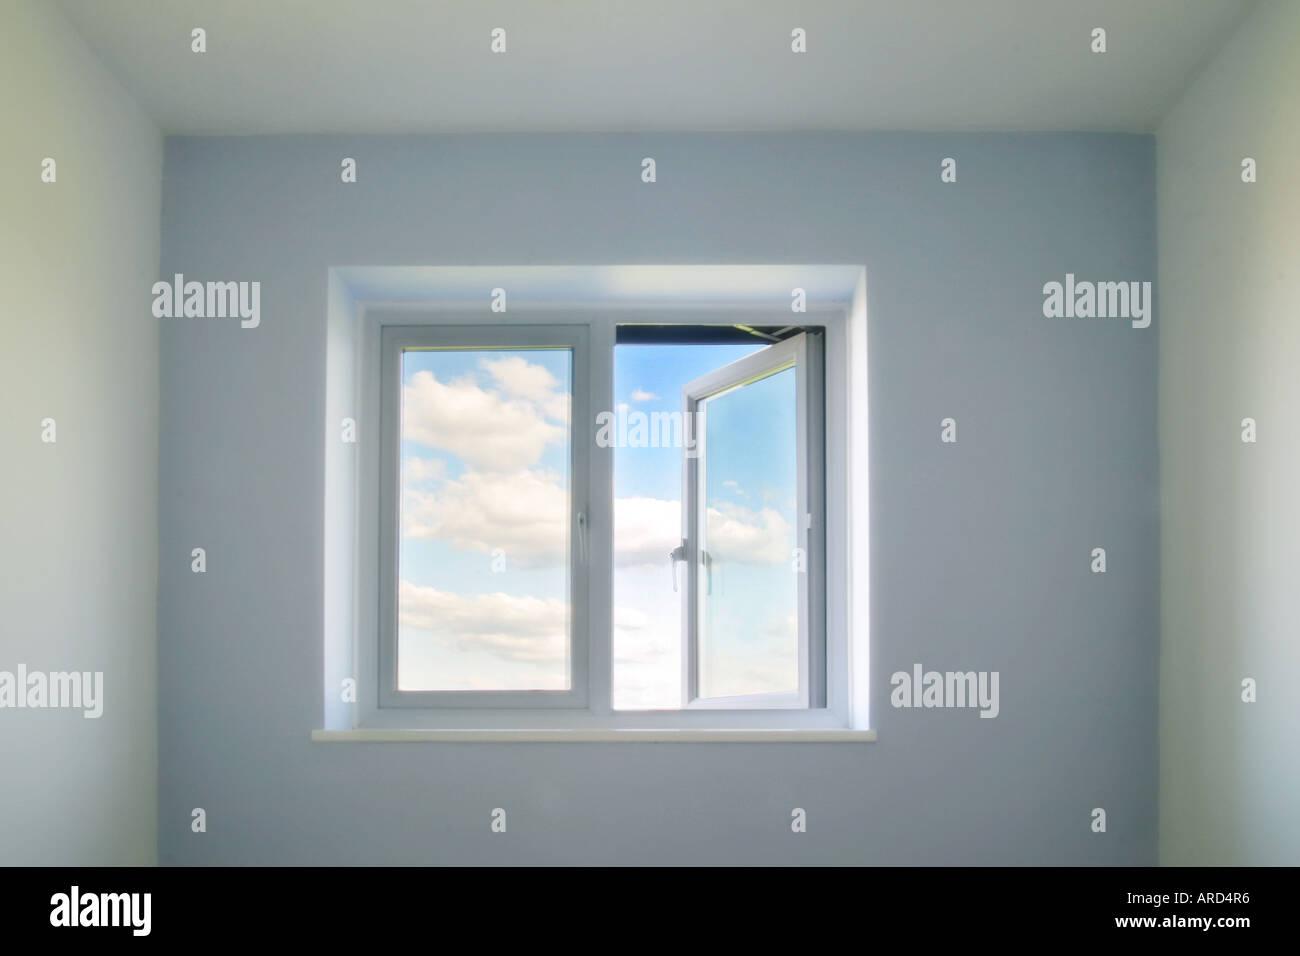 Concepto de imagen a una ventana abierta Imagen De Stock